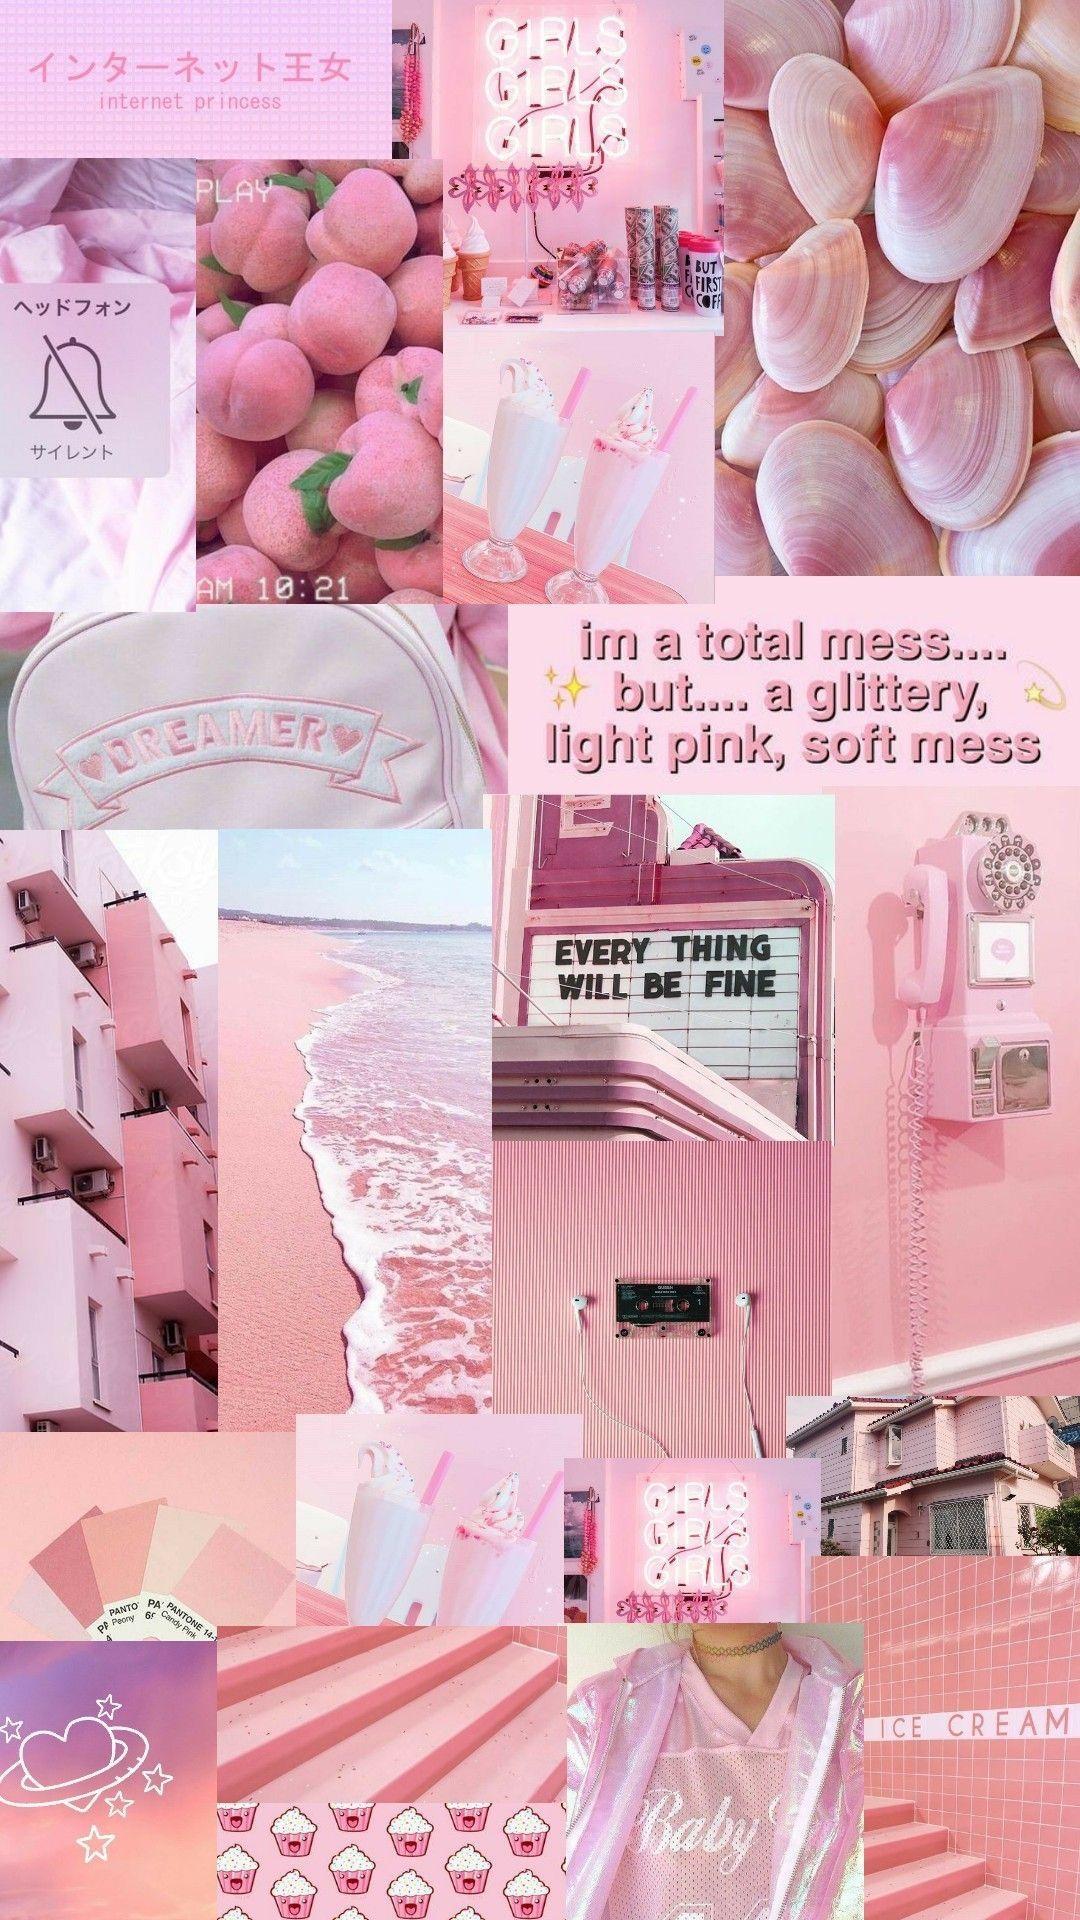 Pin Oleh Kry Kry Di Pink Warna Koral Poster Bunga Karya Seni Kopi